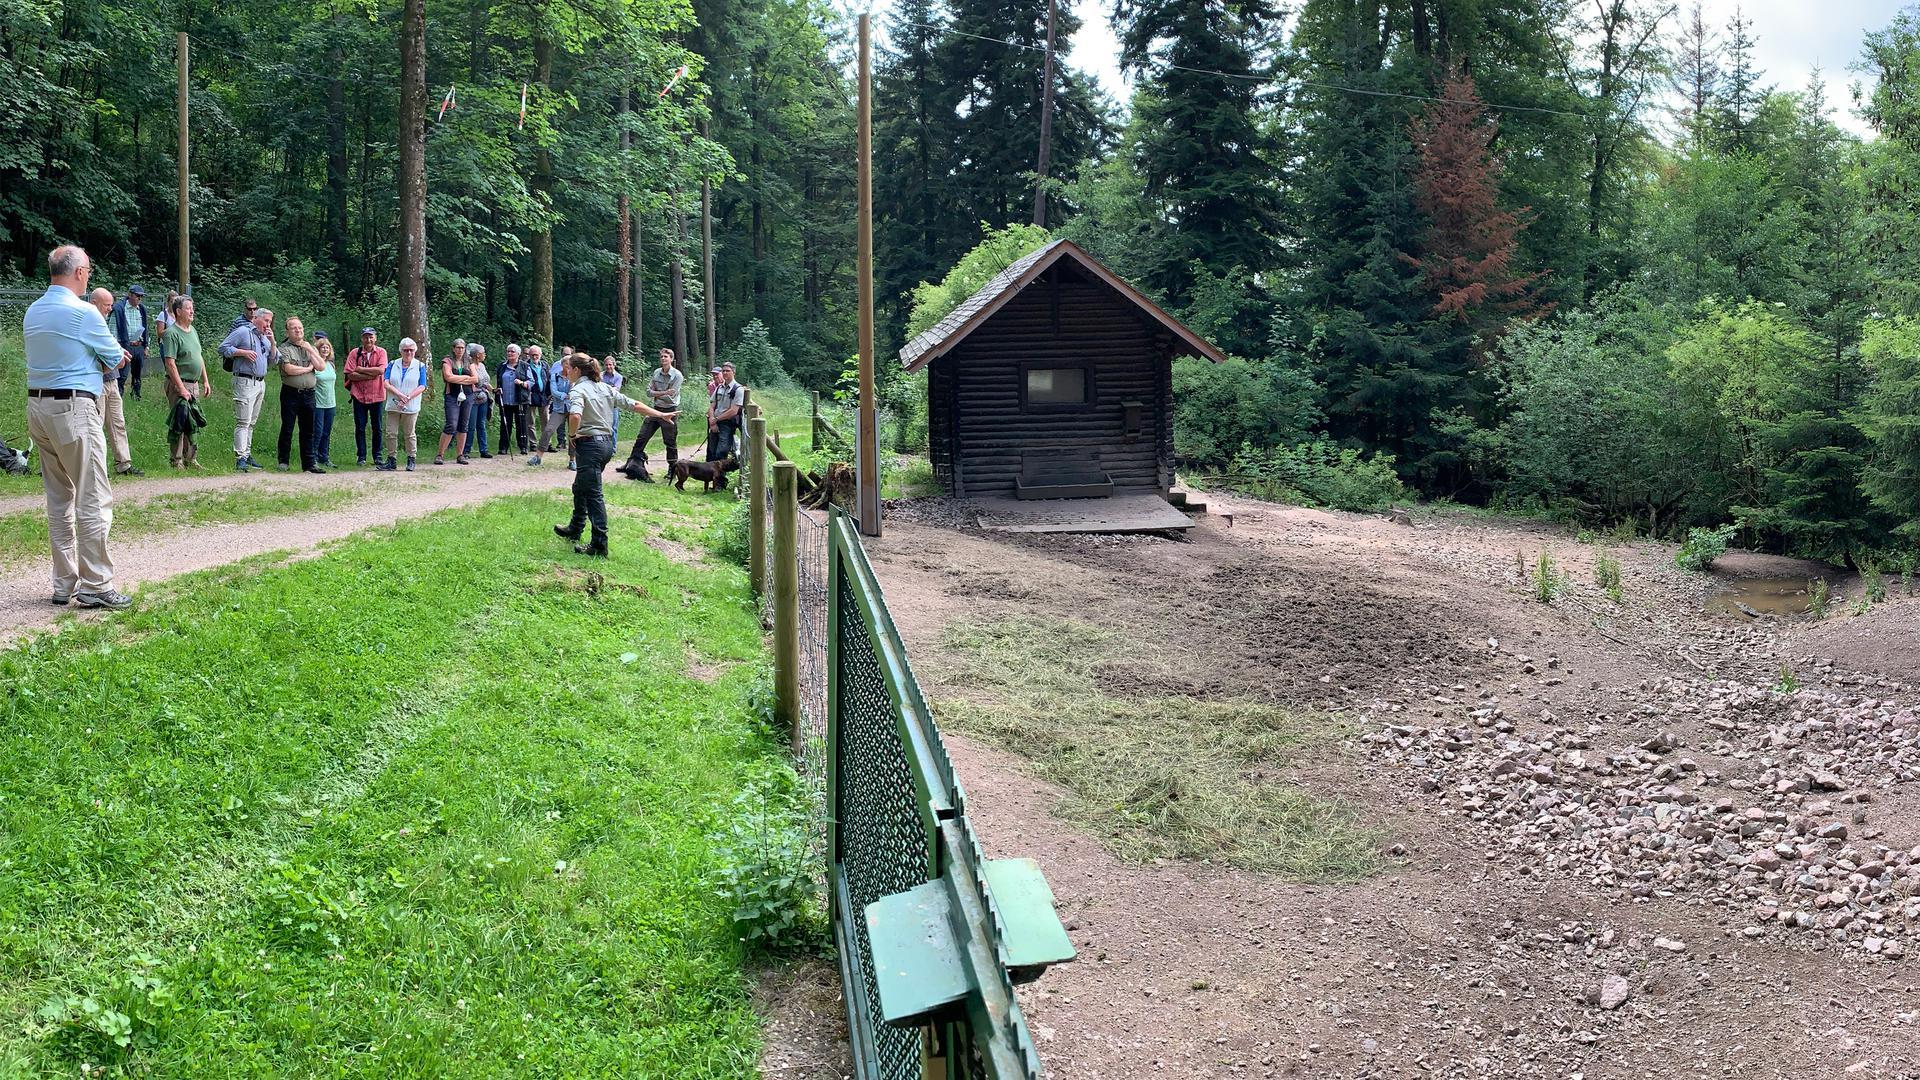 Deutliche Spuren zeigt das Wildschweingehege im Merkurwald. Auf der anderen Seite des Weges soll jetzt ein Ausweichquartier reaktiviert werden, damit sich der Waldboden erholen kann.